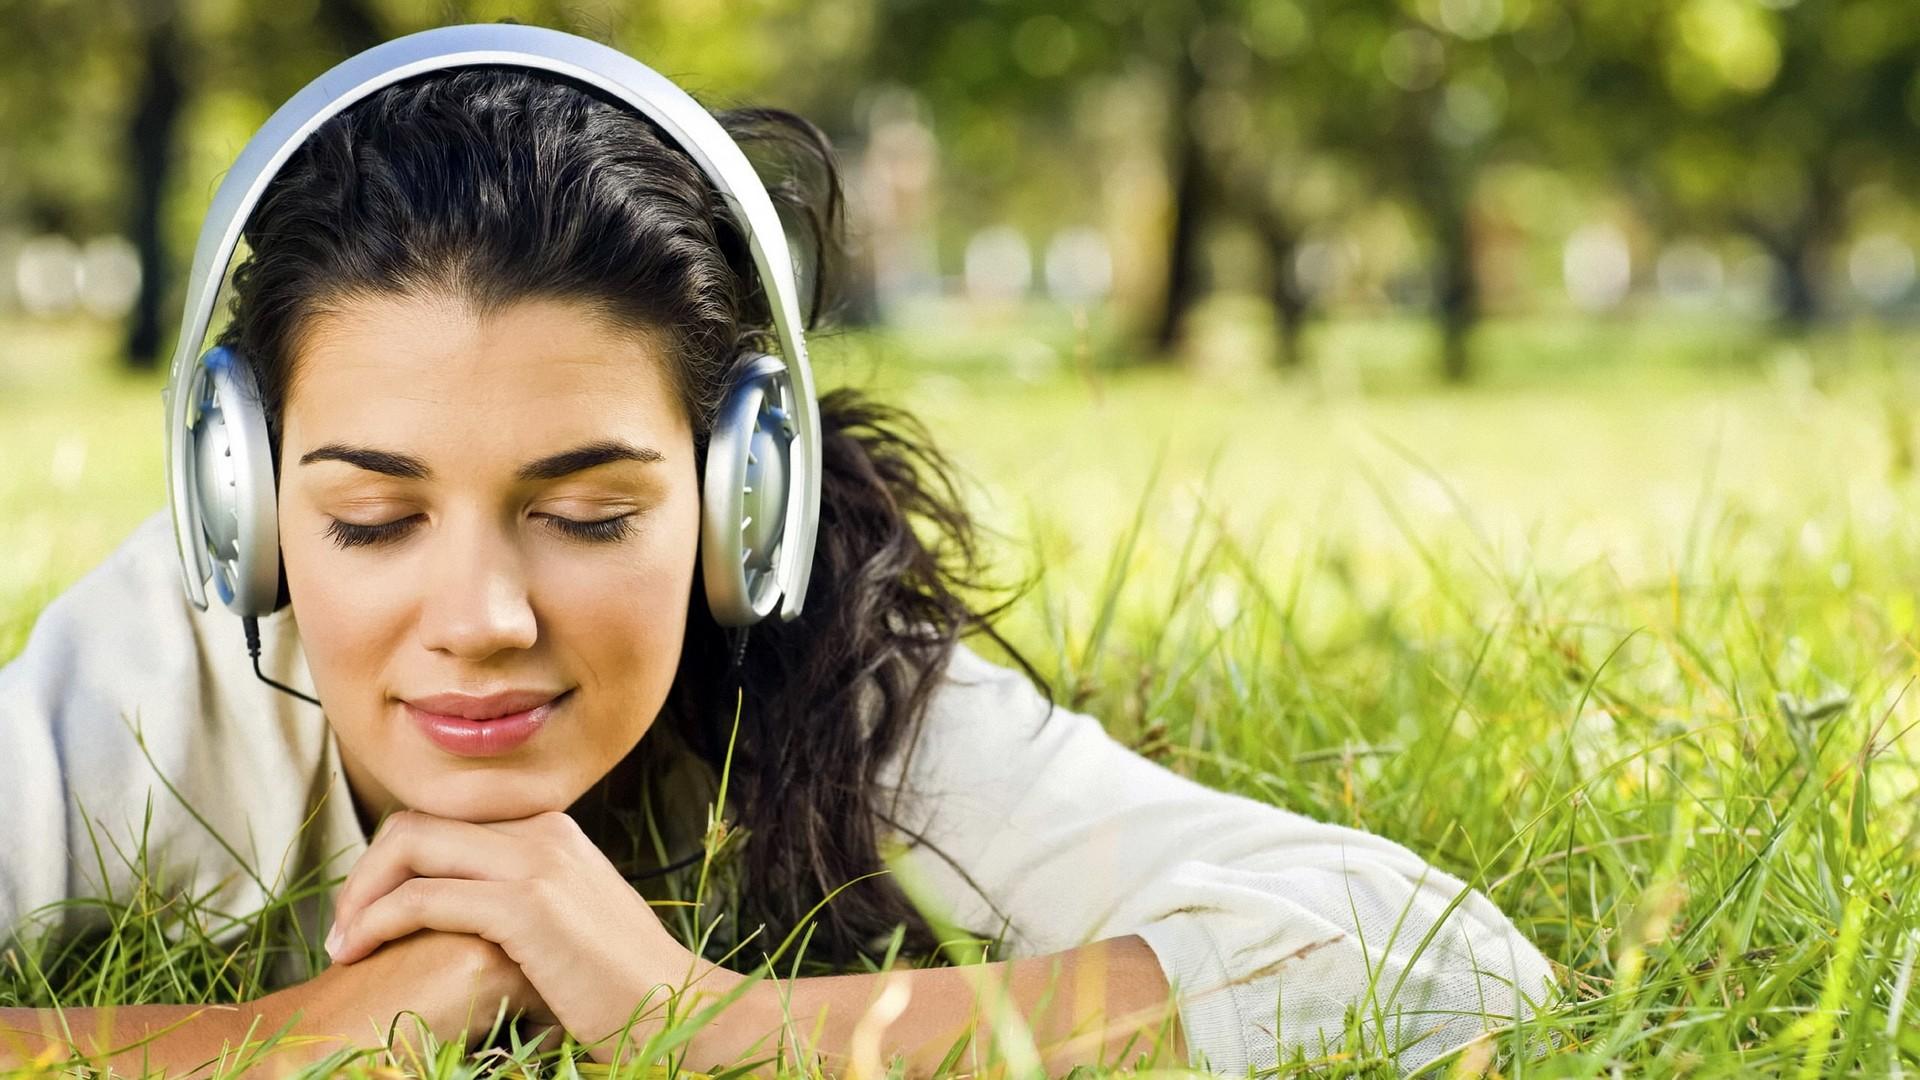 Miglior cuffia economica 2016 - Ascoltare la musica comodamente con la miglior cuffia economica sul mercato